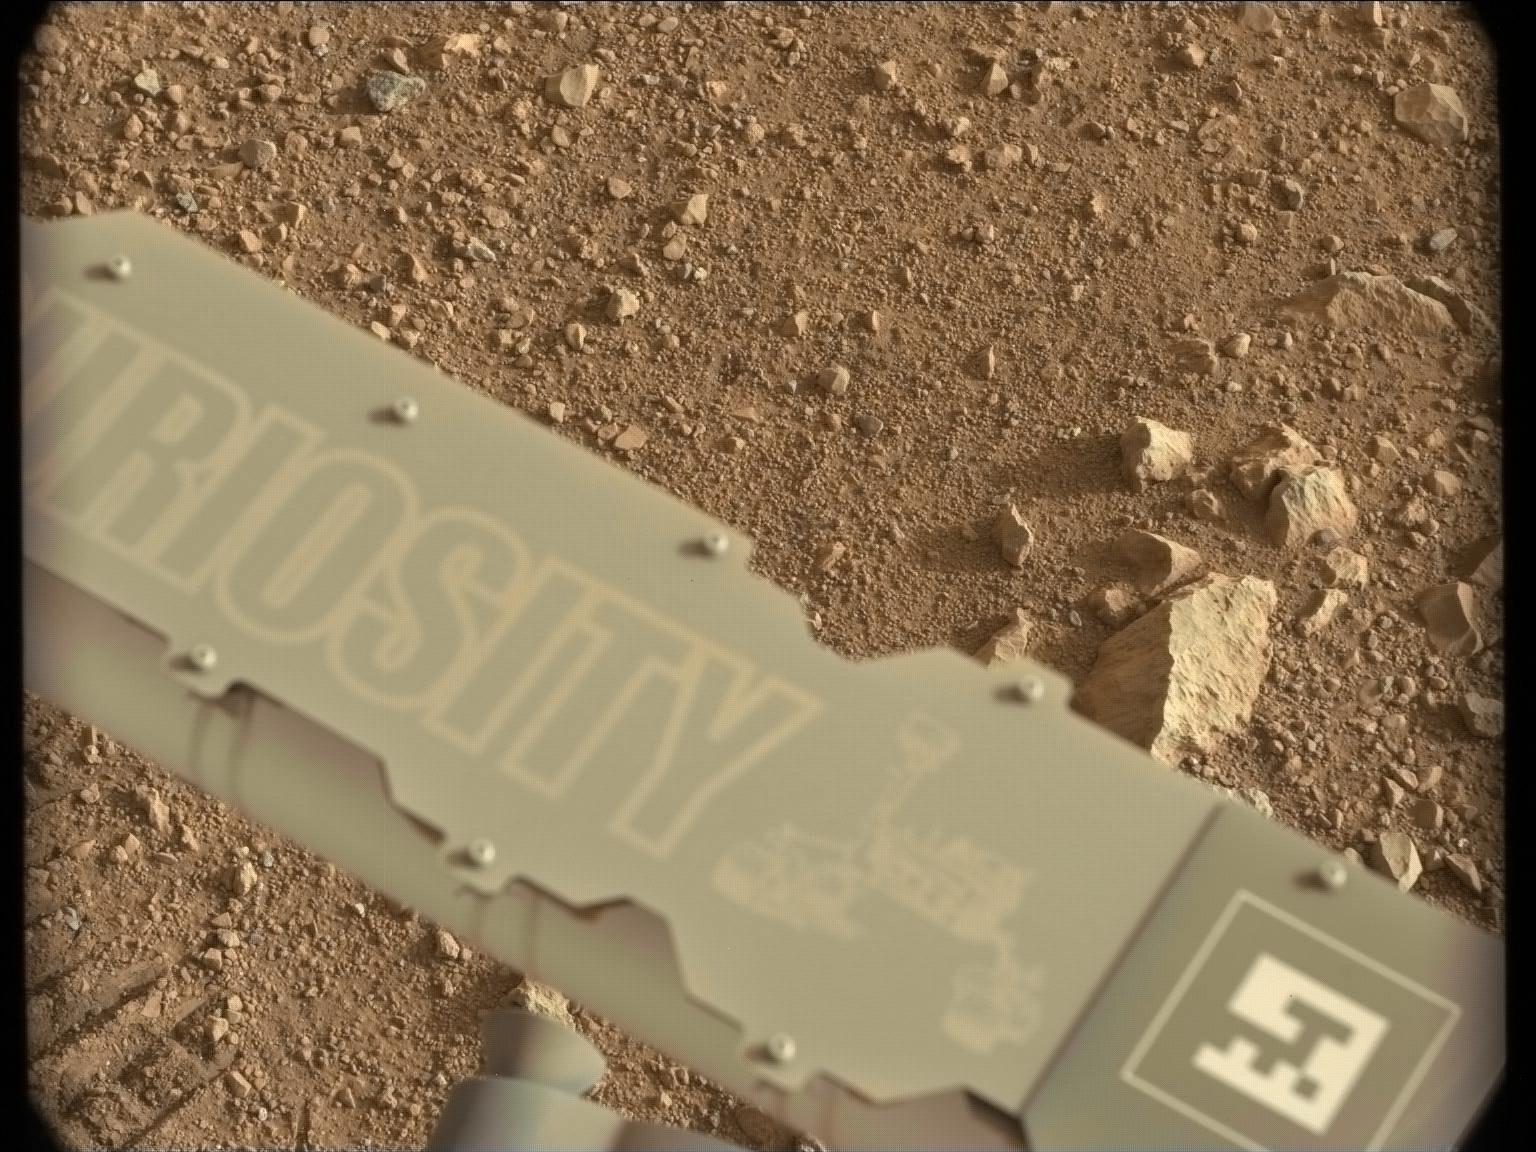 Seguimiento del Curiosity en Marte - Página 4 333